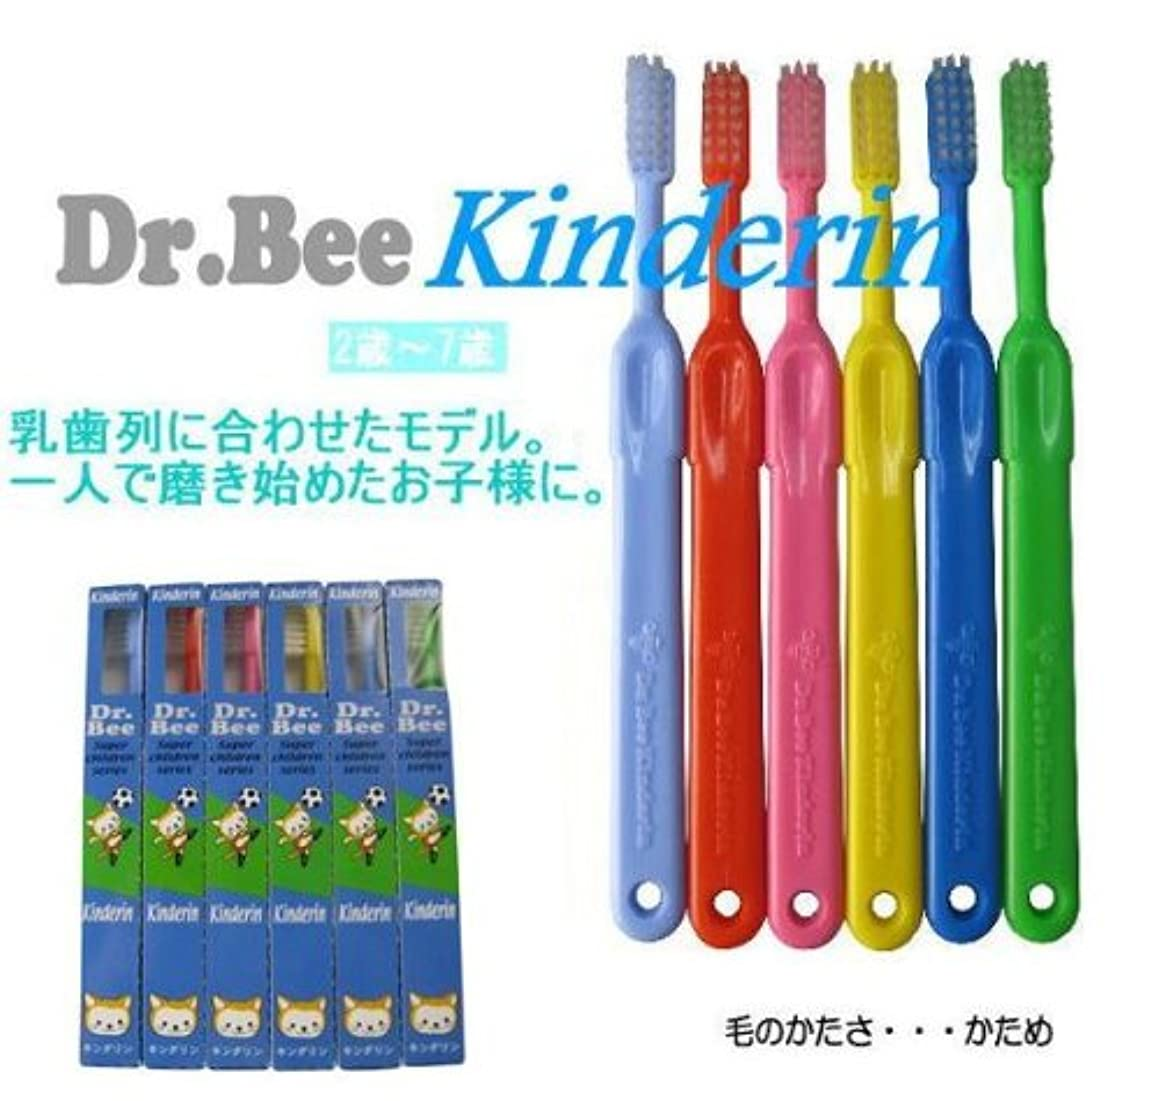 以下くさび破壊的BeeBrand Dr.BEE 歯ブラシ キンダリン かため